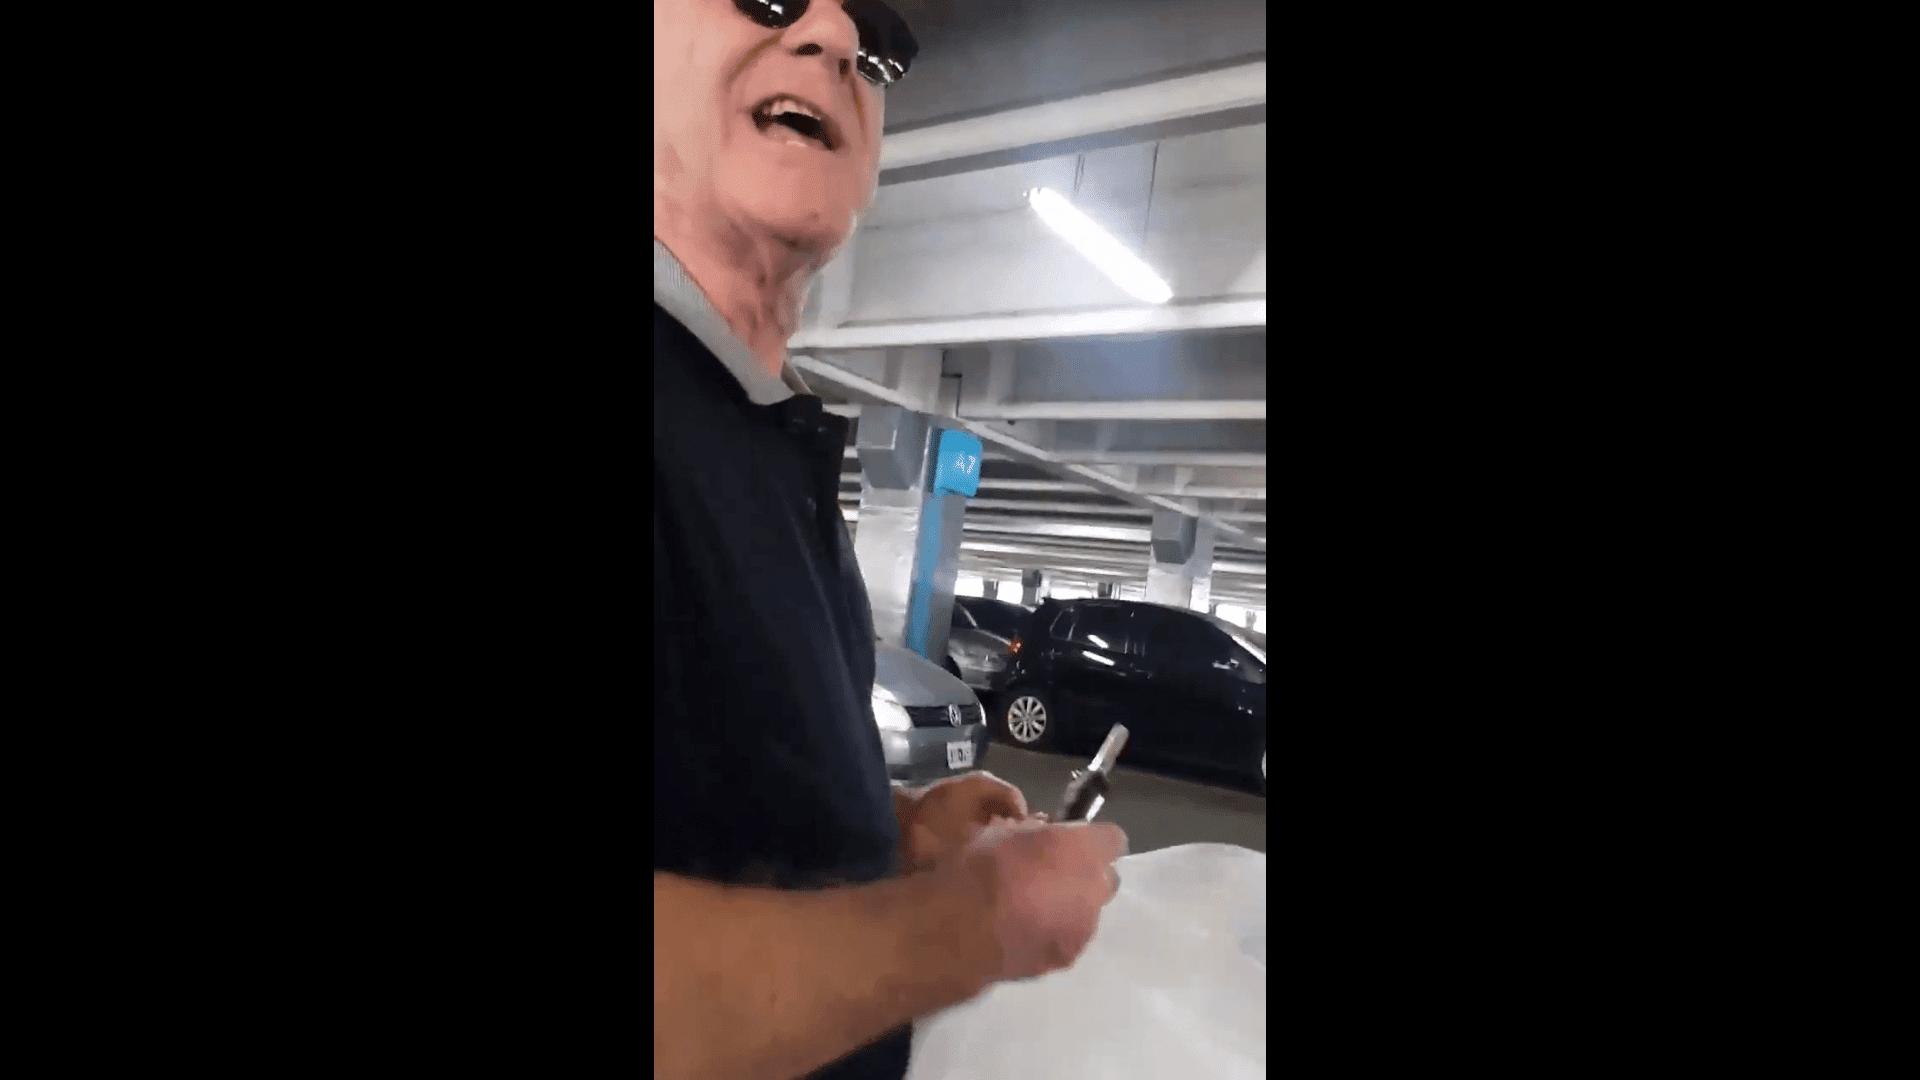 El hombre que insultó al conductor. Fuente: Twitter/diegobranca